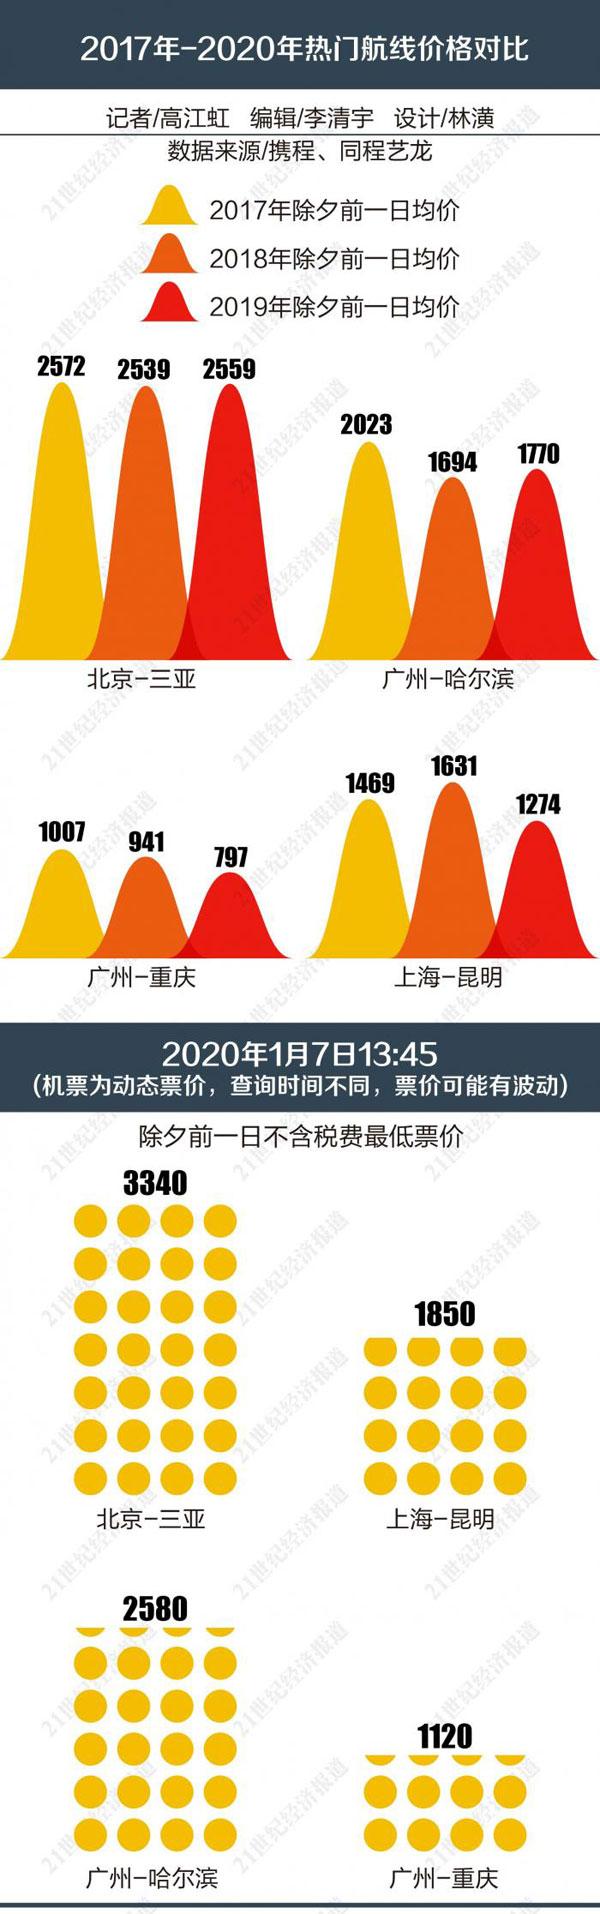 chunyuan200113a